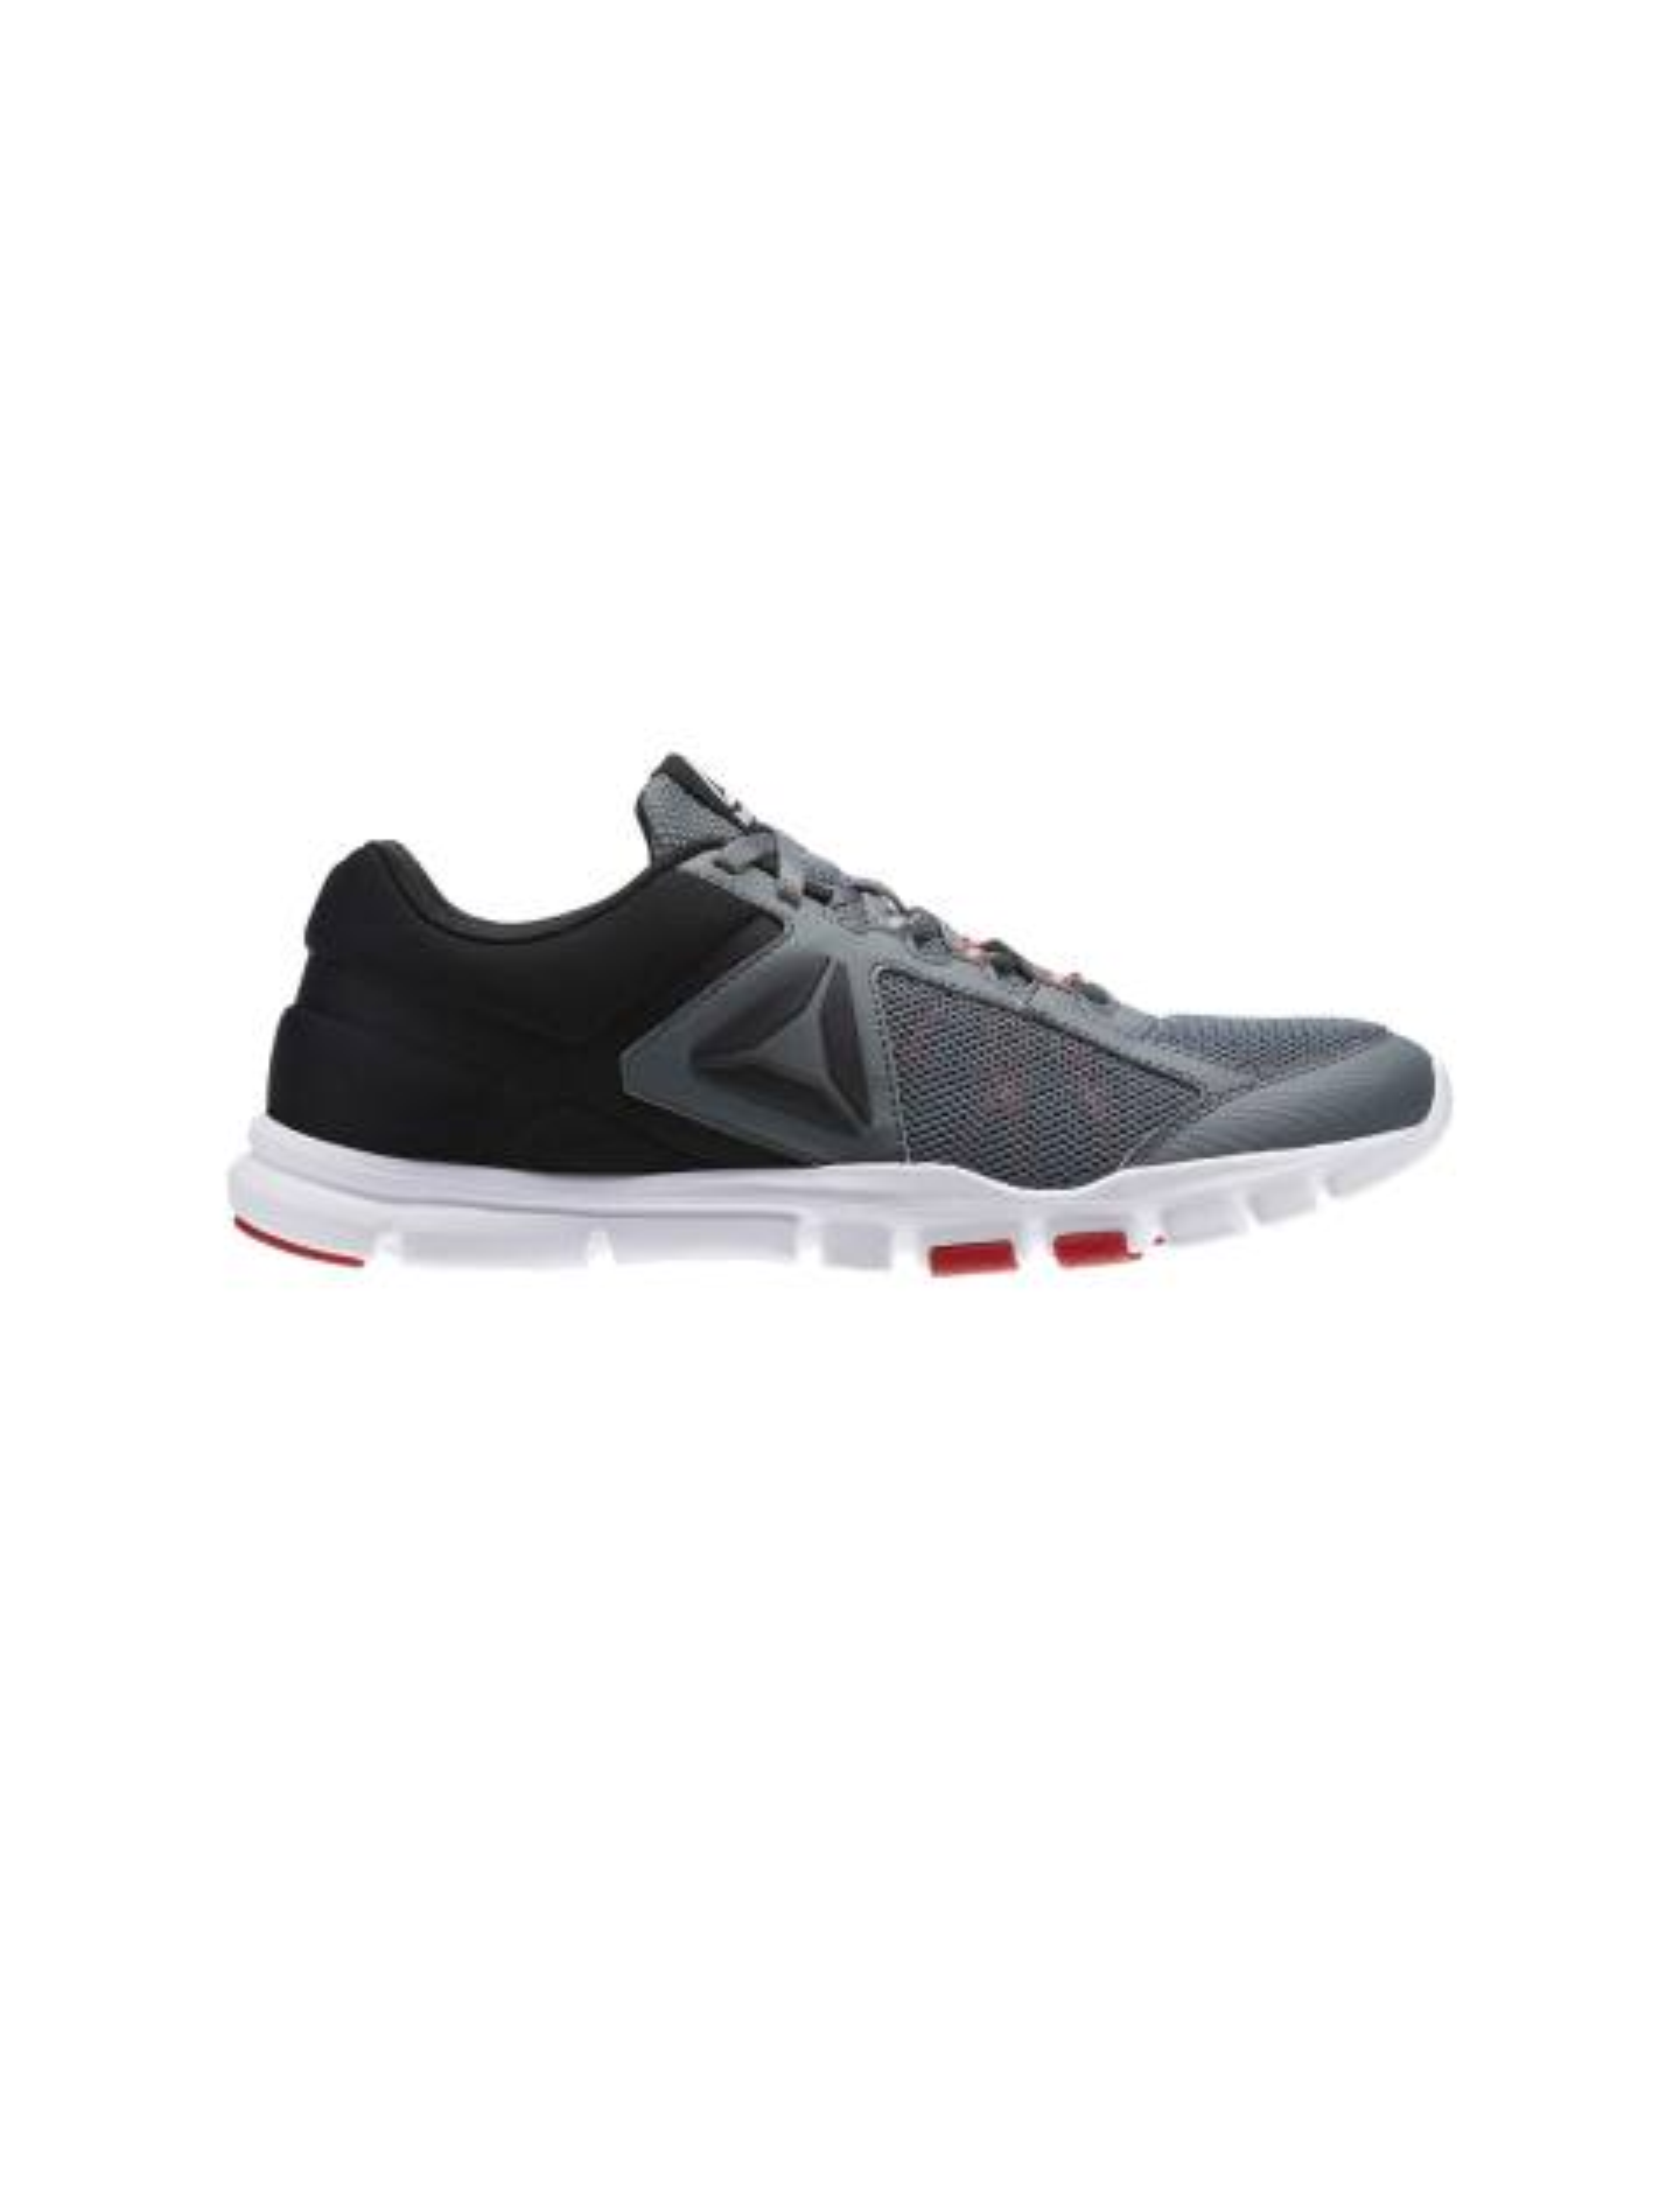 کفش مخصوص تمرین مردانه ریباک مدل Instalite Run کد BS5306 - طوسي مشکي - 1